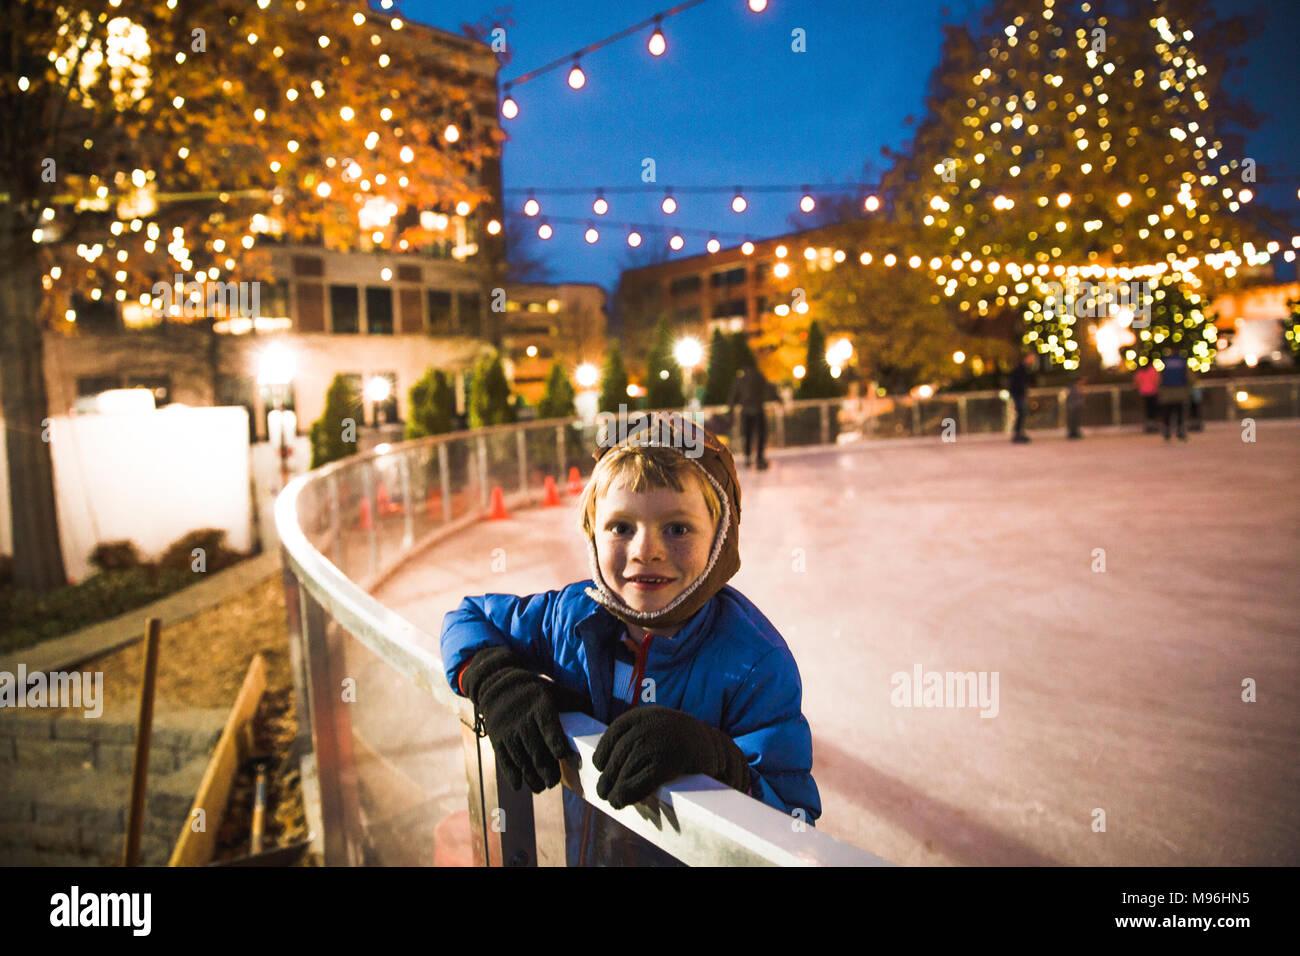 Boy looking at camera at the side of a skating rink - Stock Image